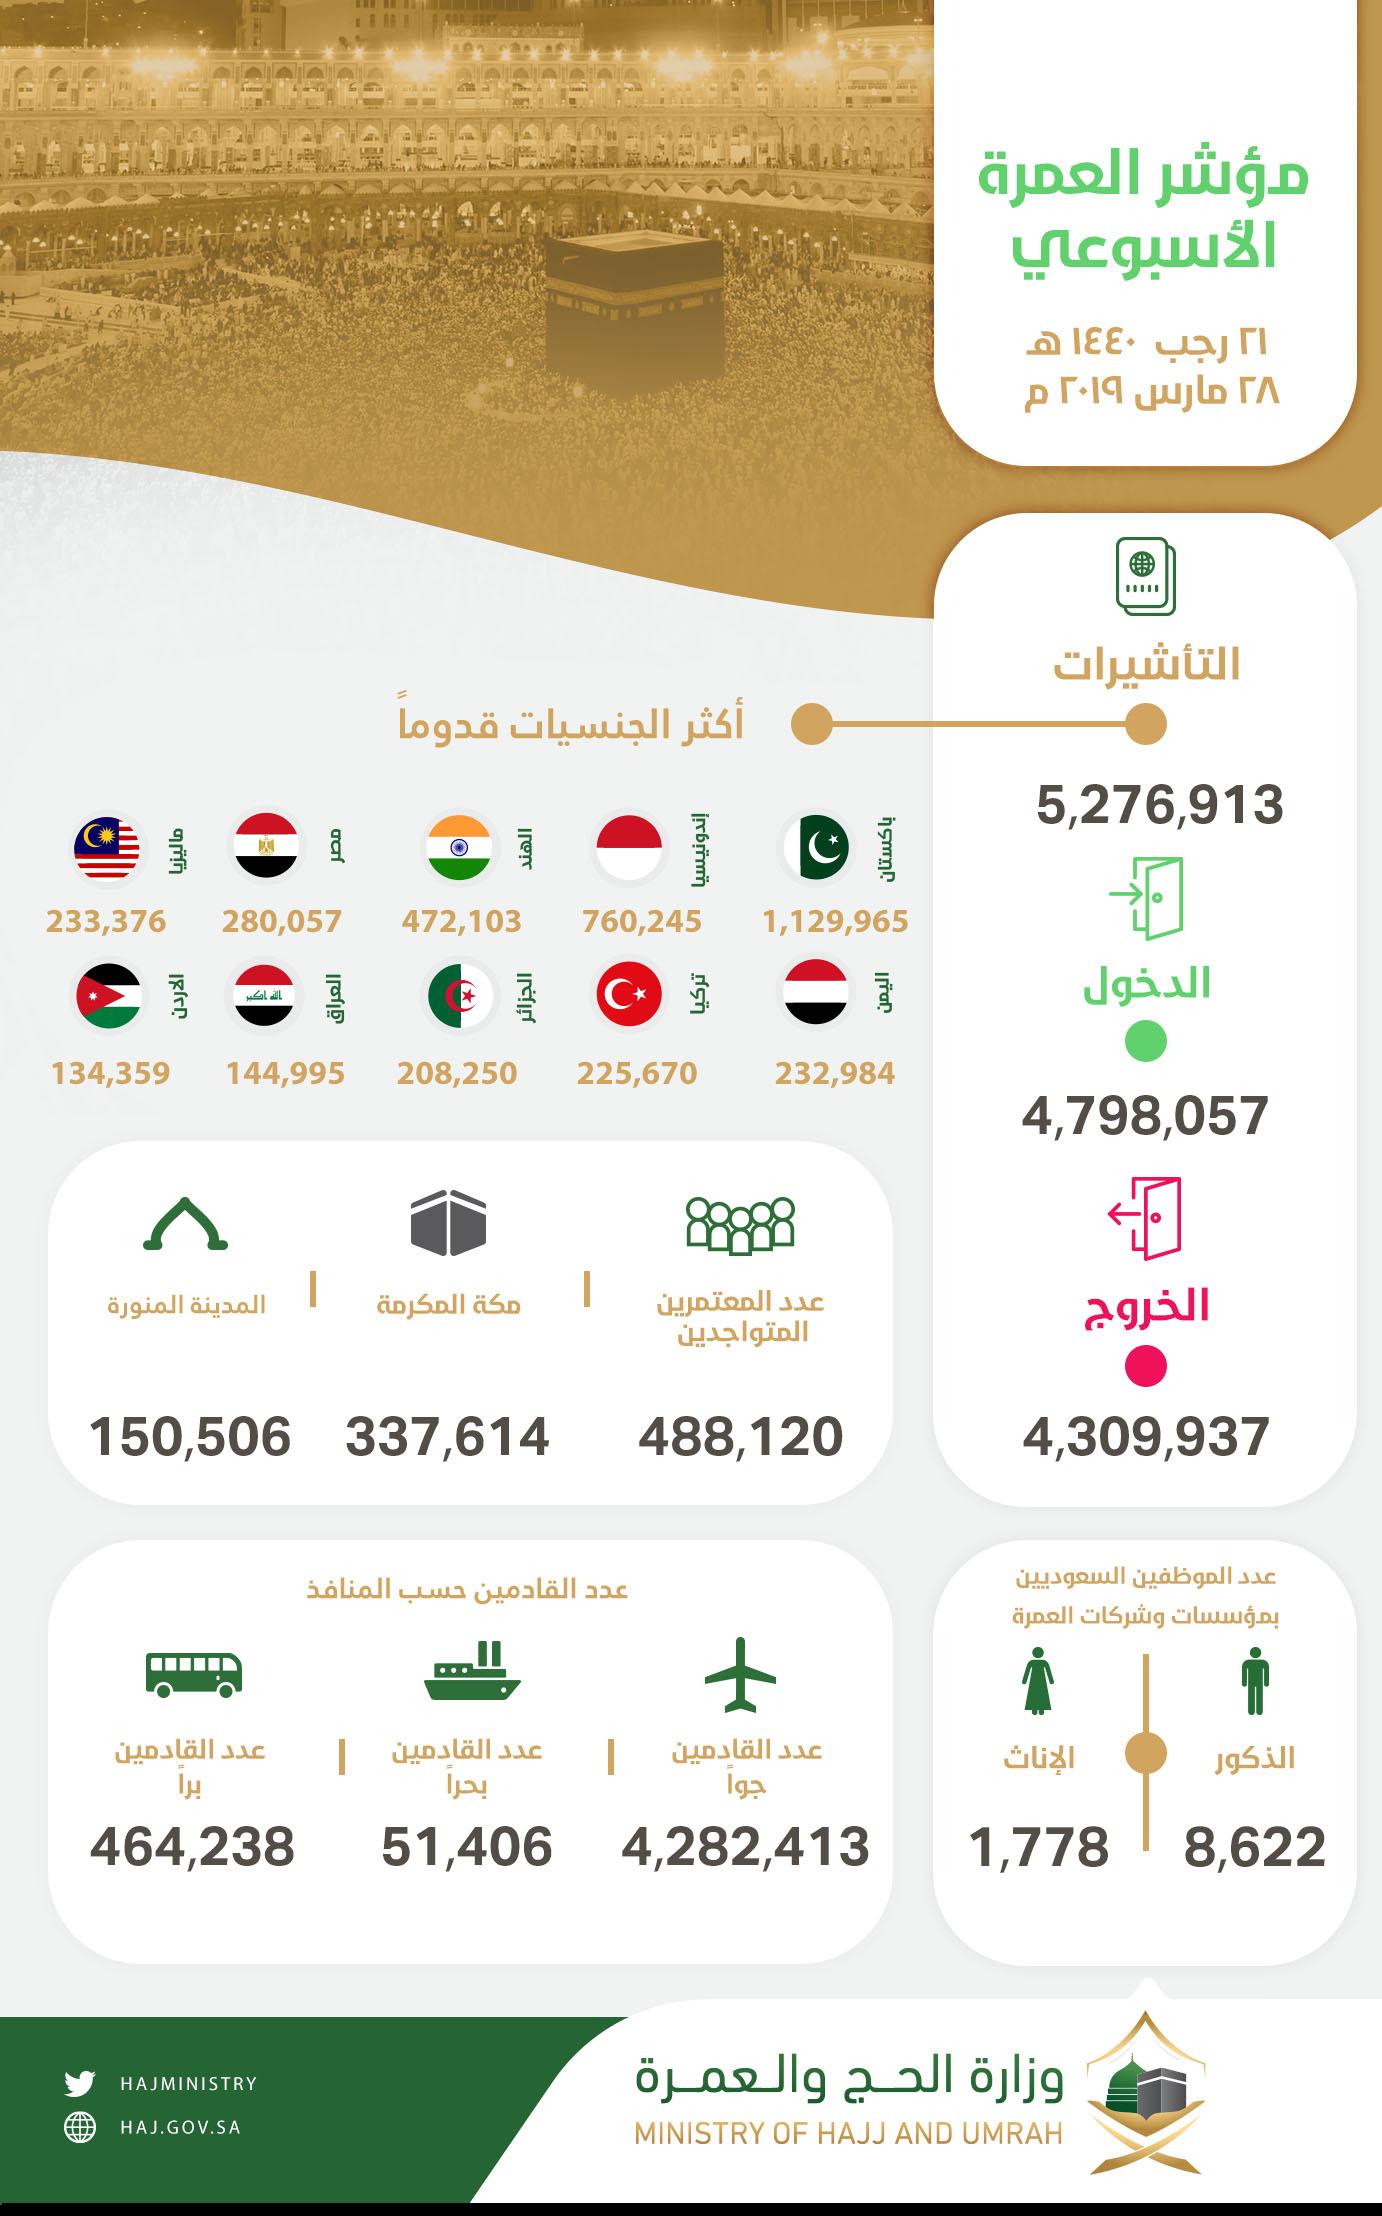 مؤشر العمرة -عربي (1) (1)